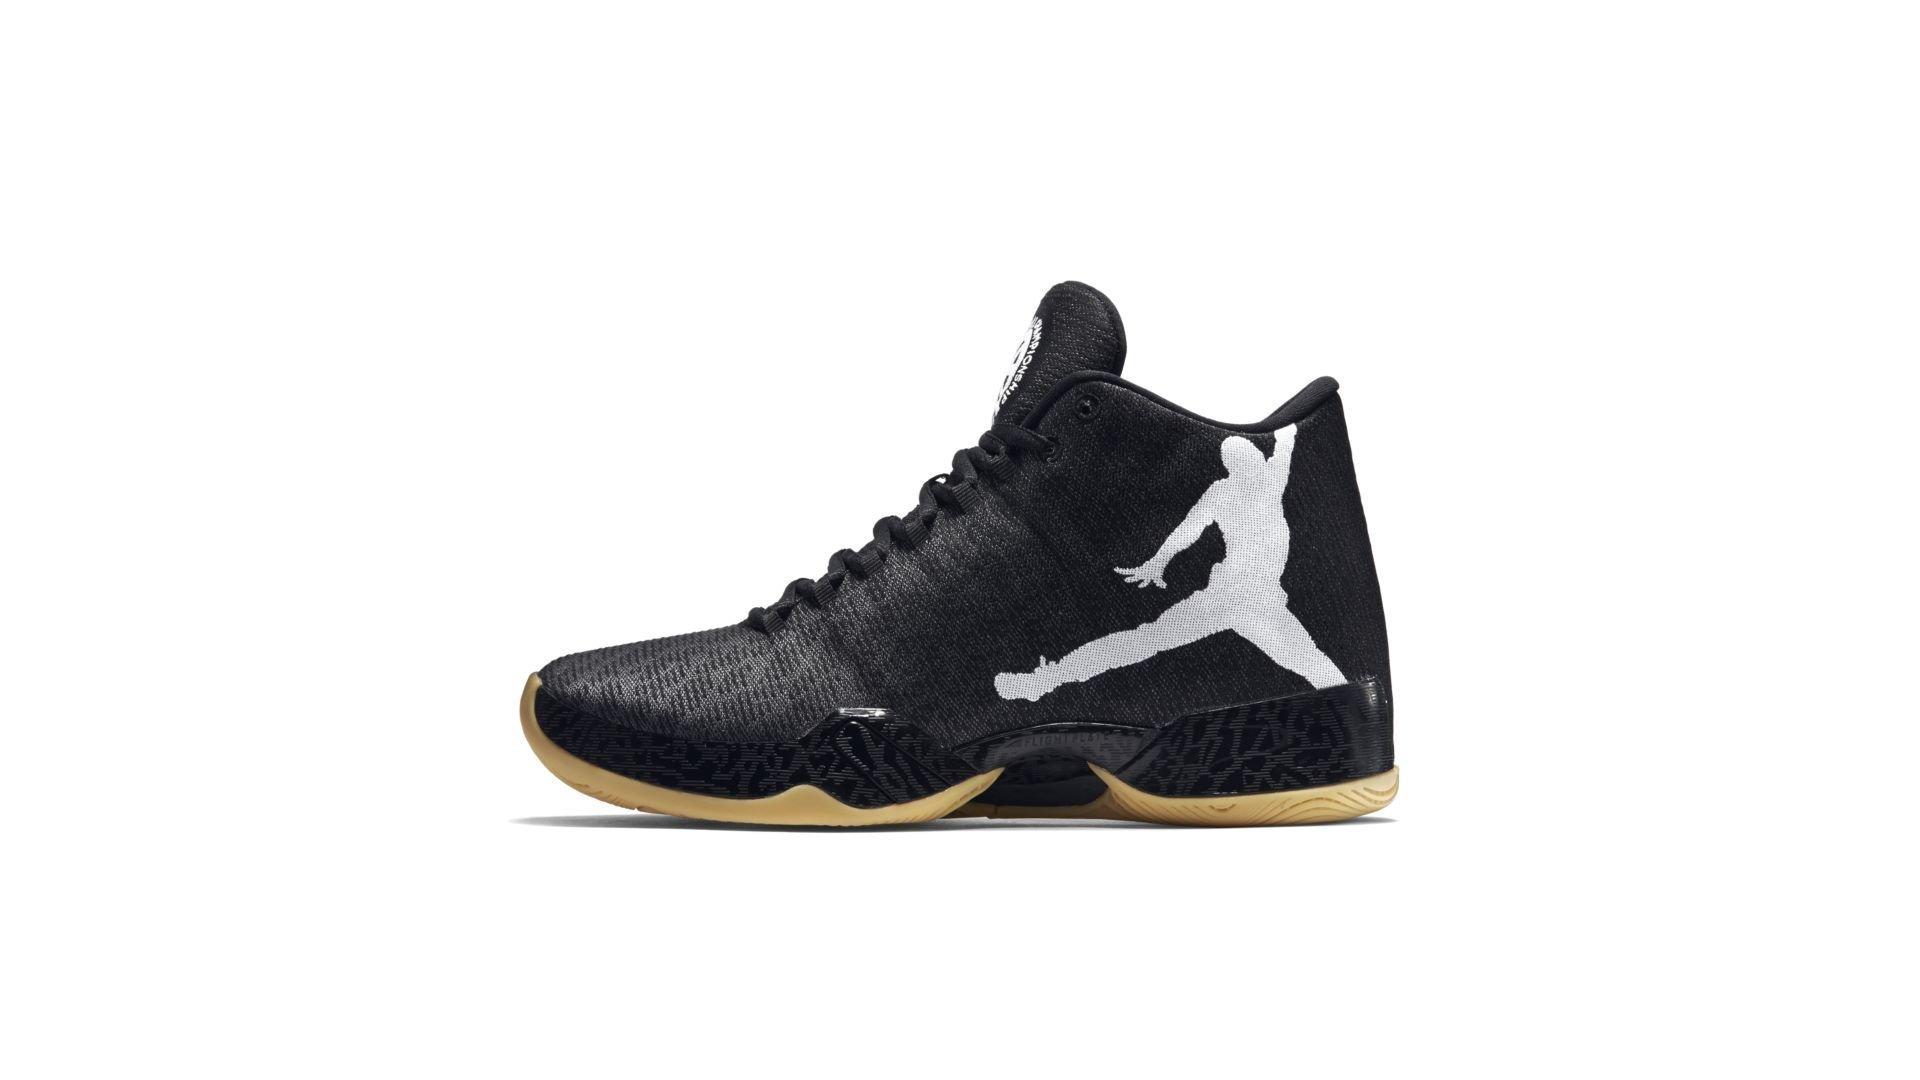 Jordan XX9 Quai 54 (805254-004)